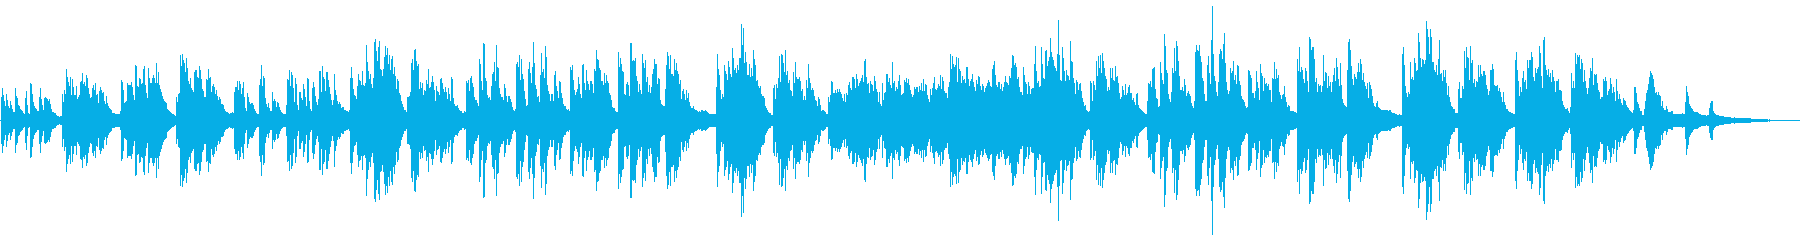 温かいイメージのピアノソロの再生済みの波形